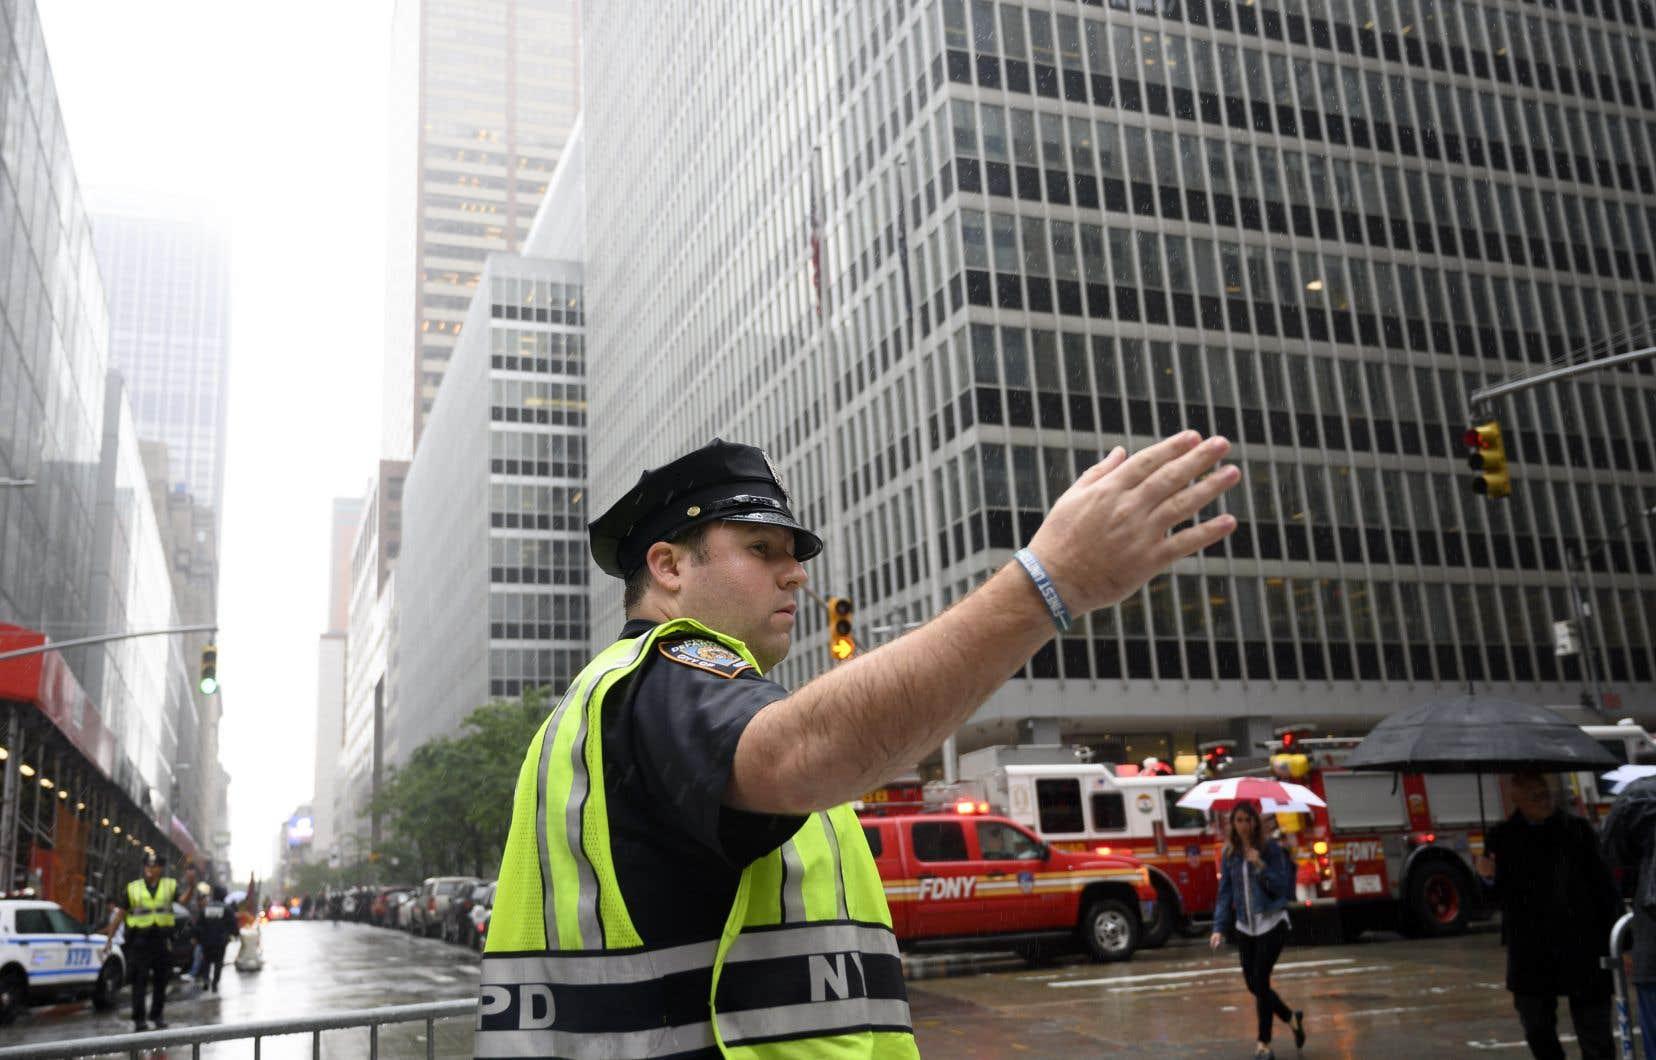 Le pilote d'un hélicoptère qui s'est écrasé lundi sur le toit d'un édifice sur l'île de Manhattan est mort, selon le service d'incendie de la ville de New York.